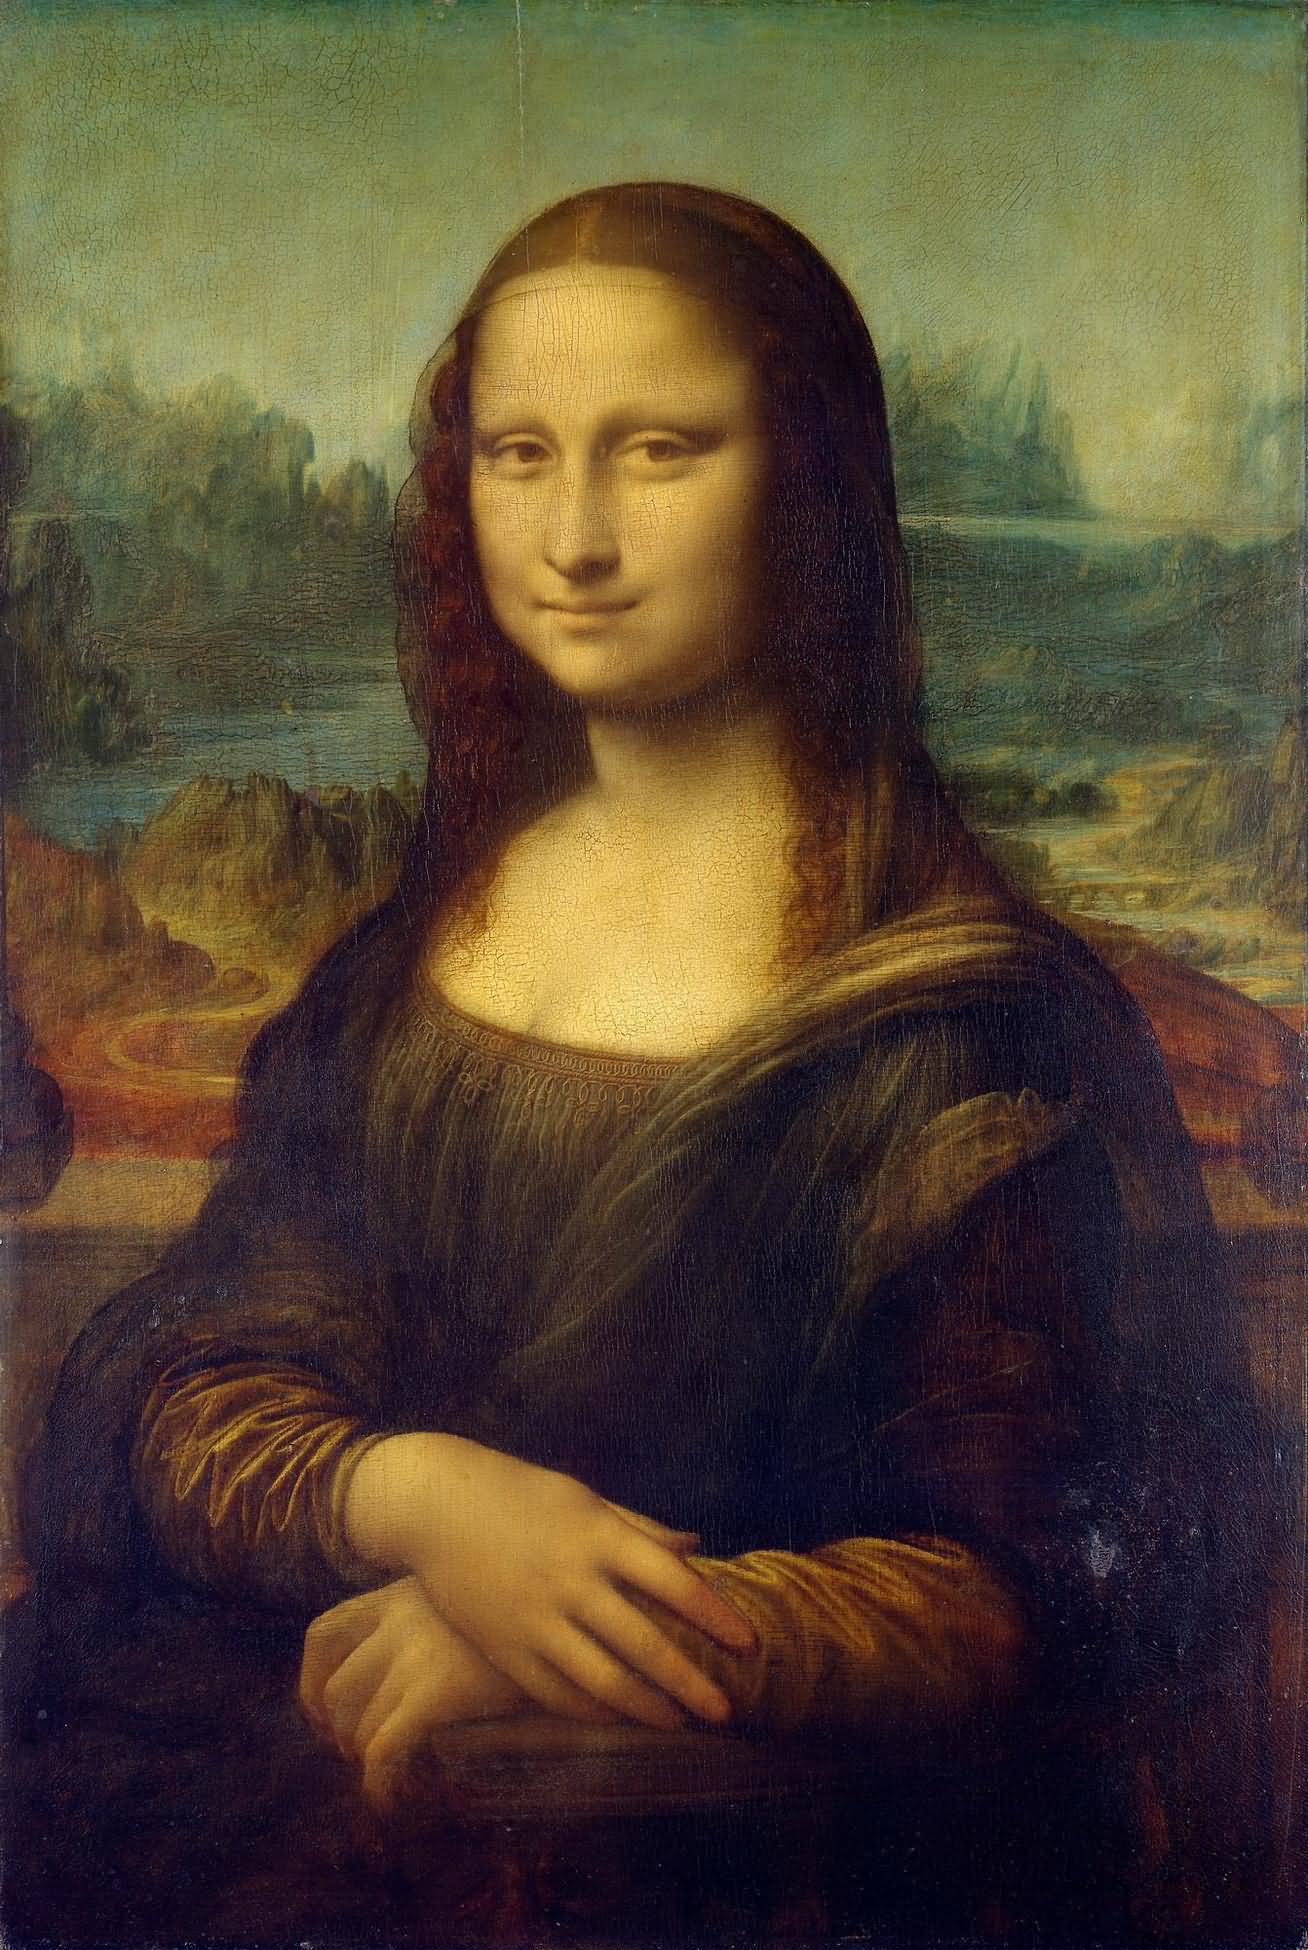 蒙娜丽莎 意大利 达芬奇 板上油彩 纵77×横53厘米 巴黎卢浮宫藏